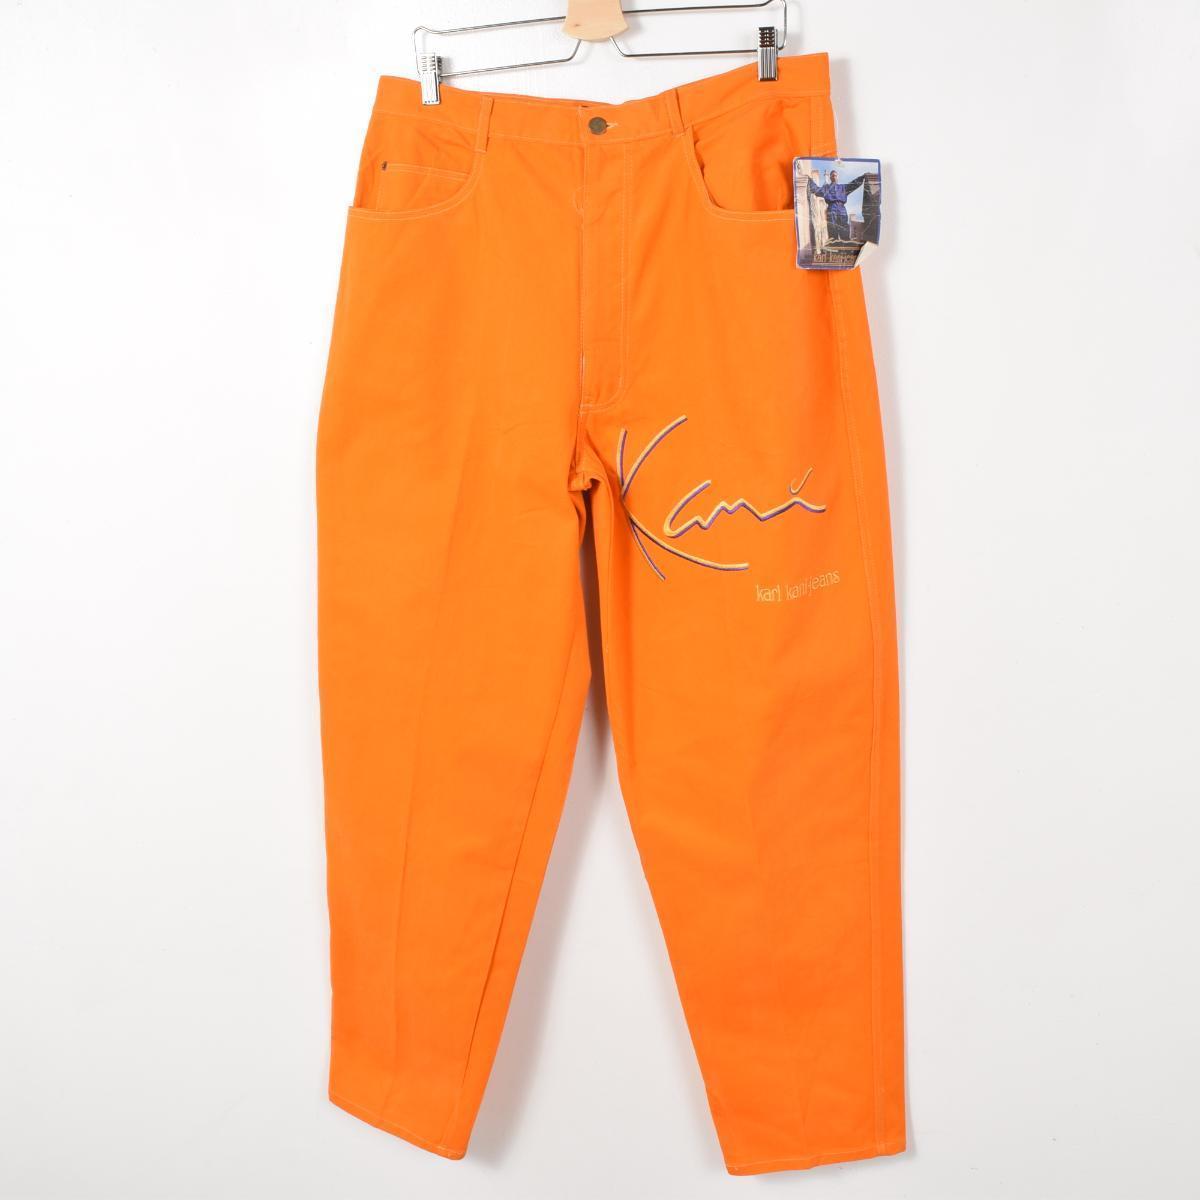 存量不活死人股票 90 年代在美国锥形牛仔裤图案的裤子男装 w36 卡尔卡尼牛仔裤 /wew6289